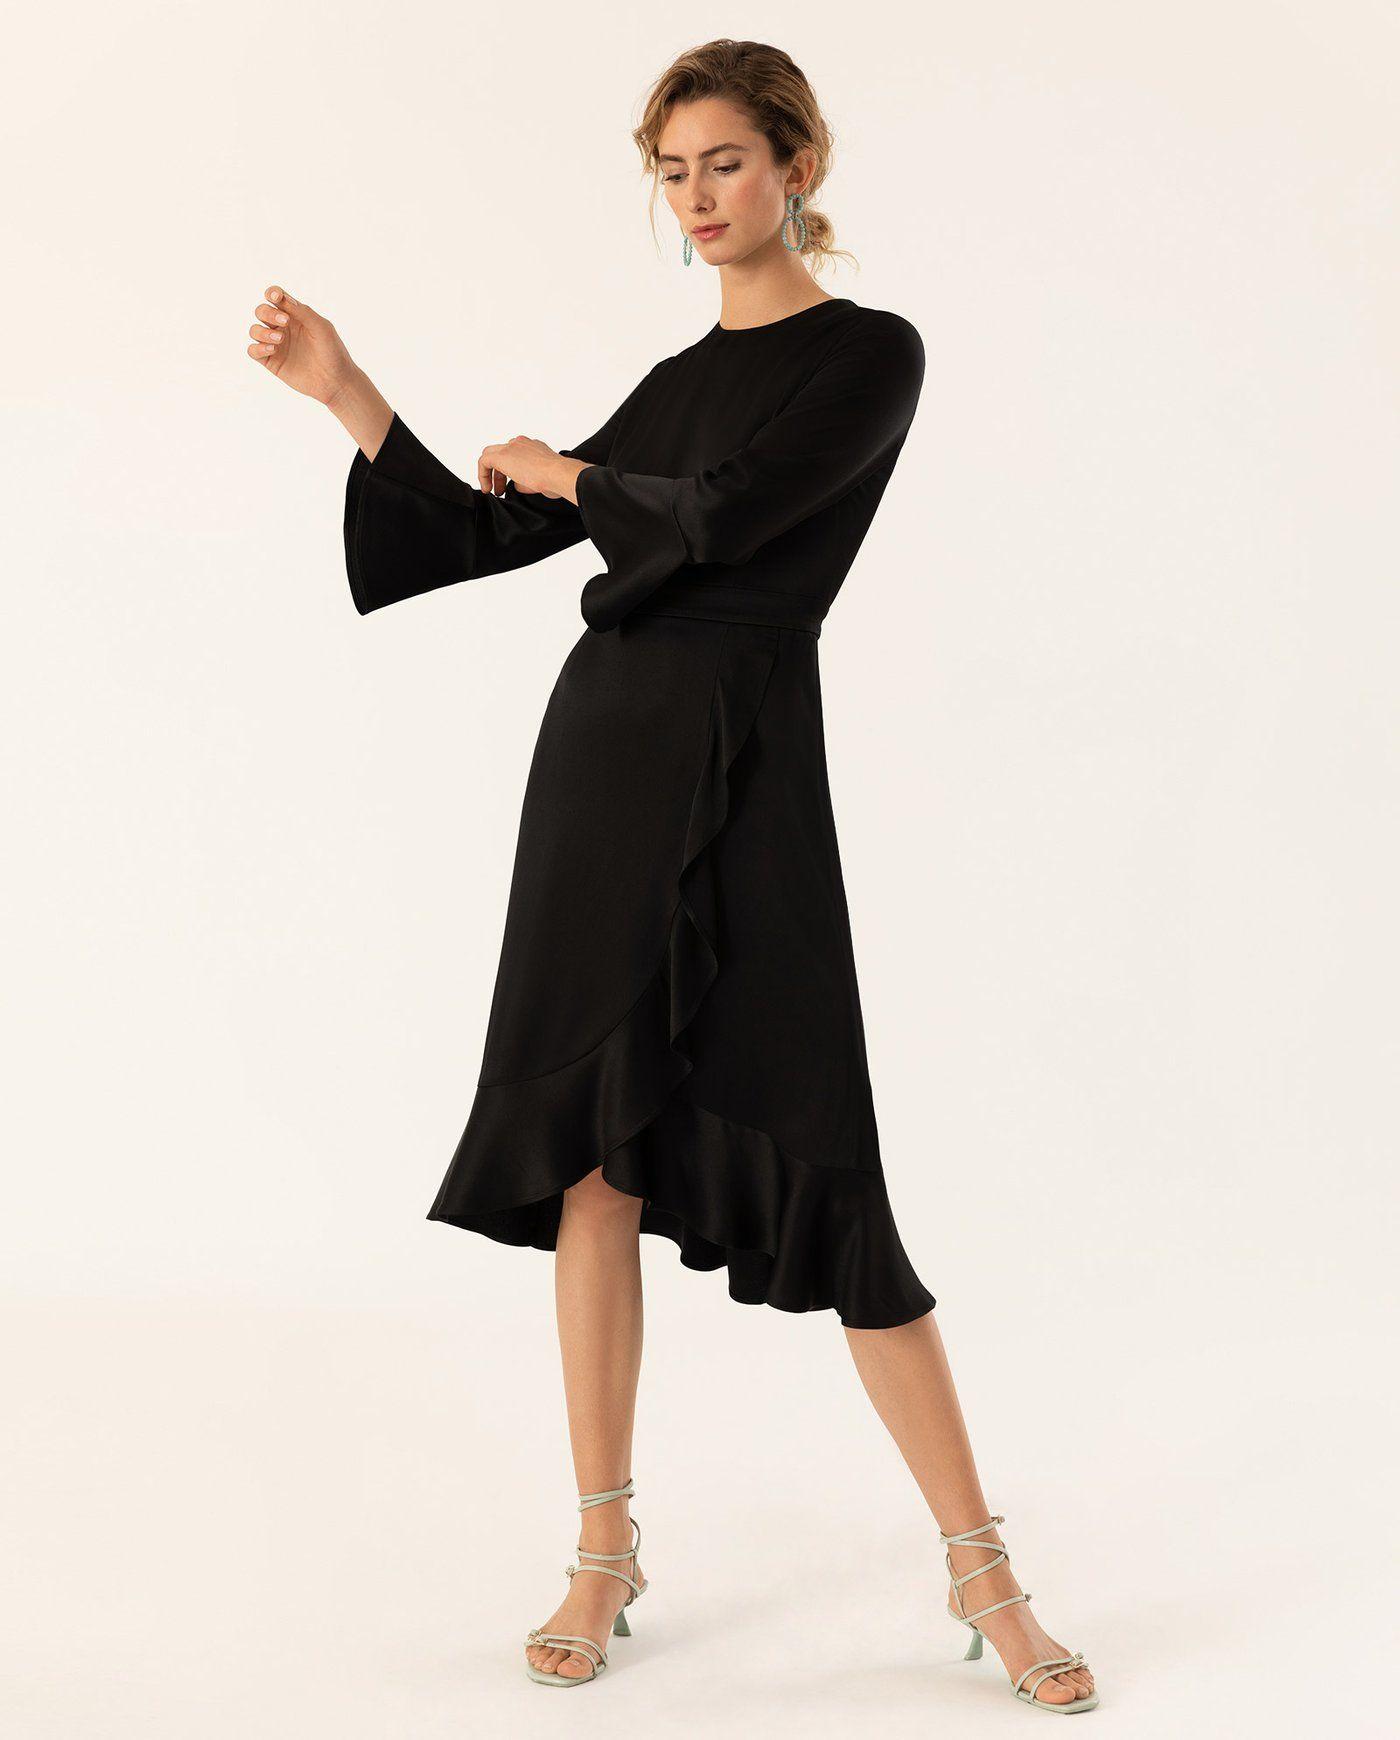 Knielanges Kleid mit Volants schwarz – IVY & OAK  Knielanges